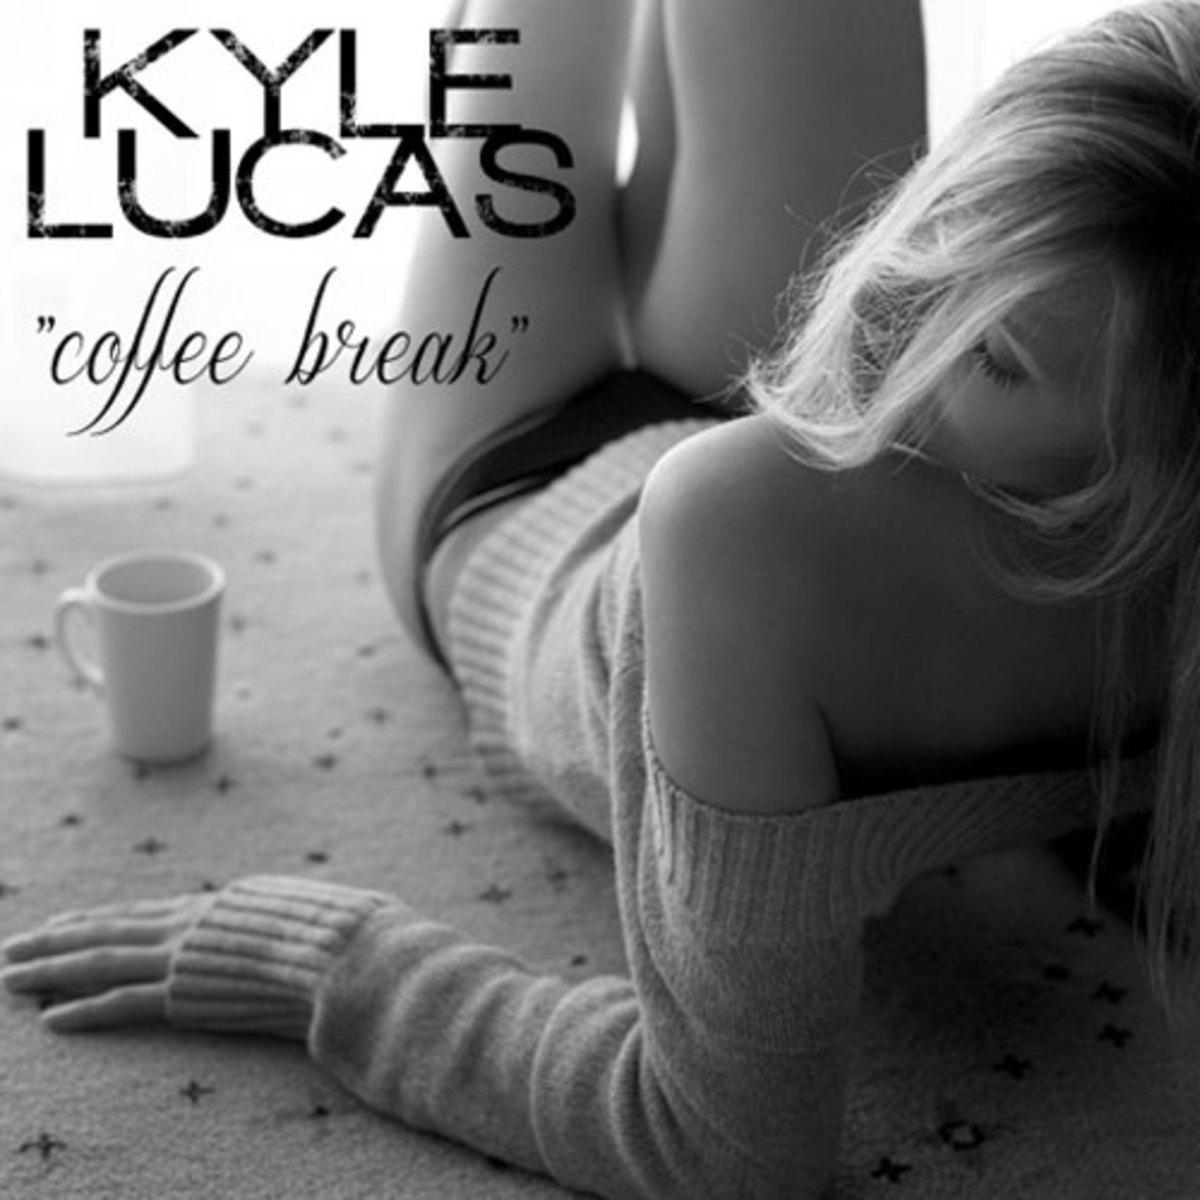 kylelucas-coffeebreak.jpg